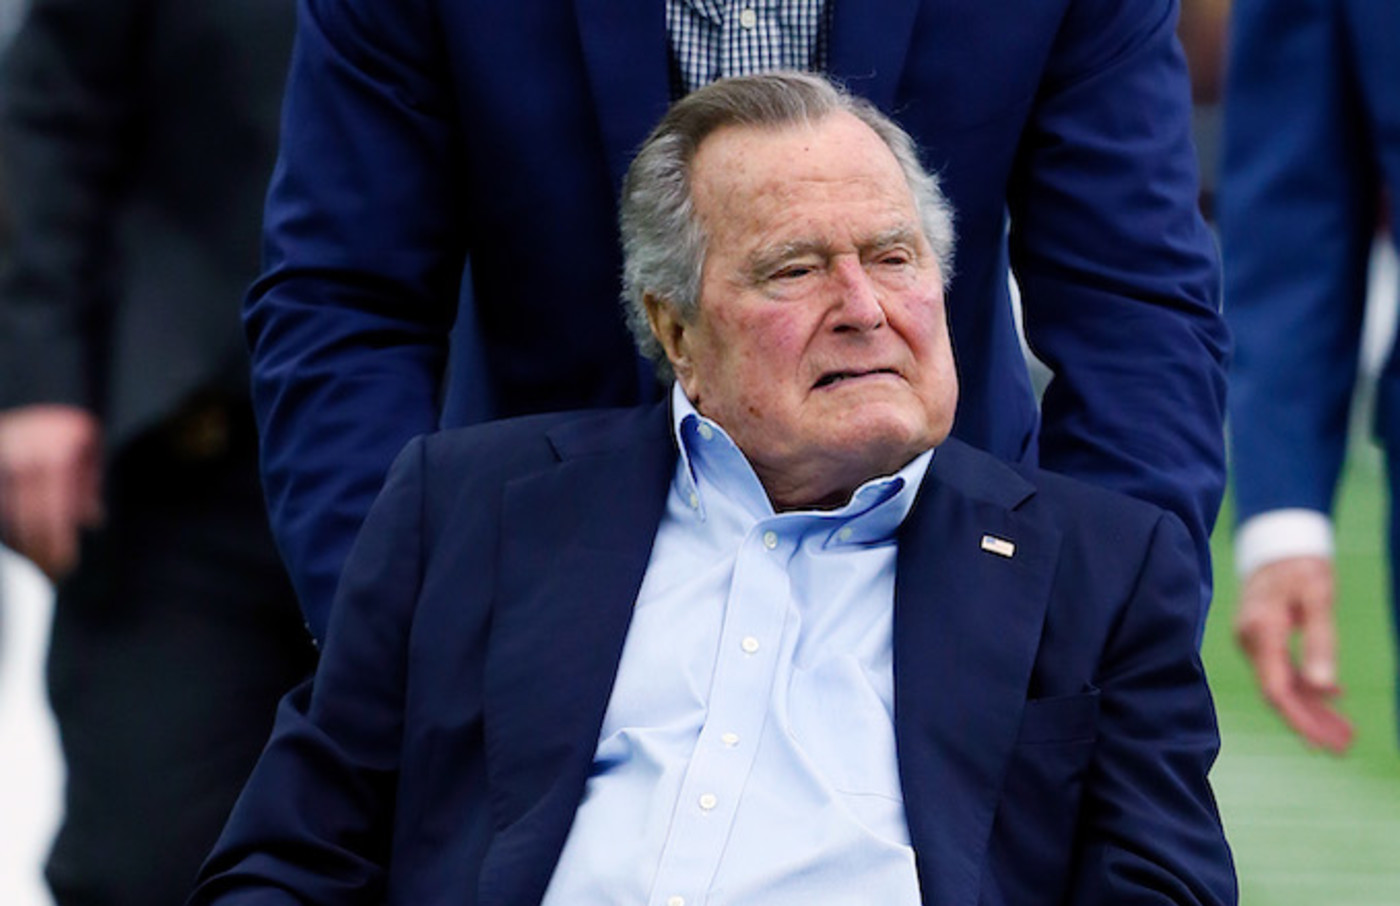 george-hw-bush-dead